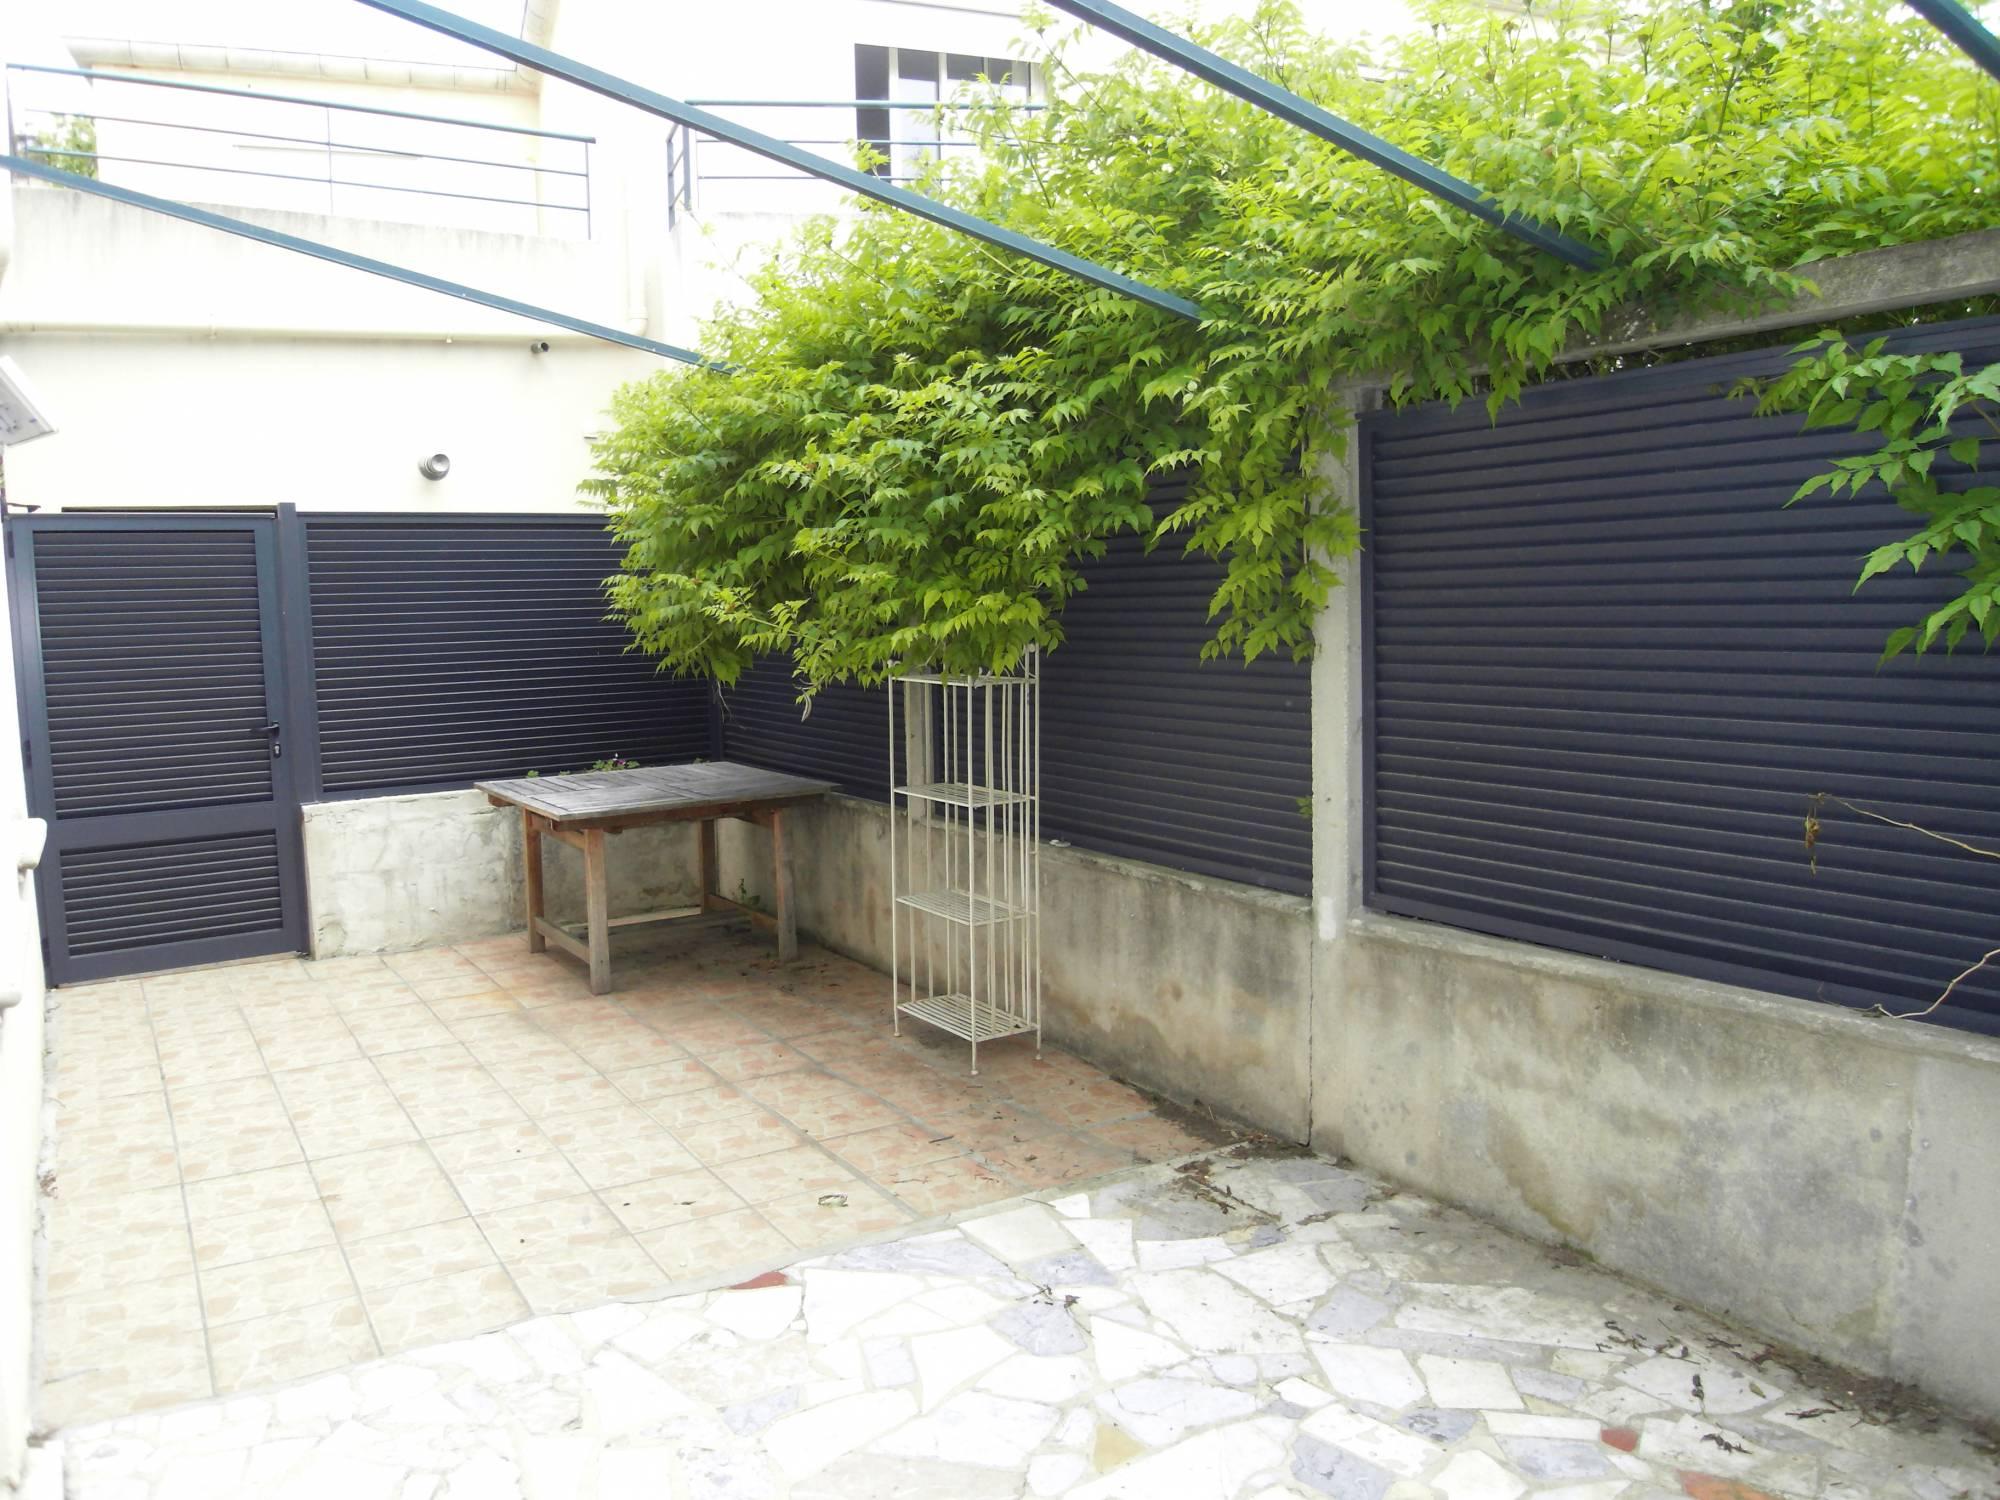 A louer Saint Barnabé 13012 Appartement 3 pièces 55 m² avec terrasse